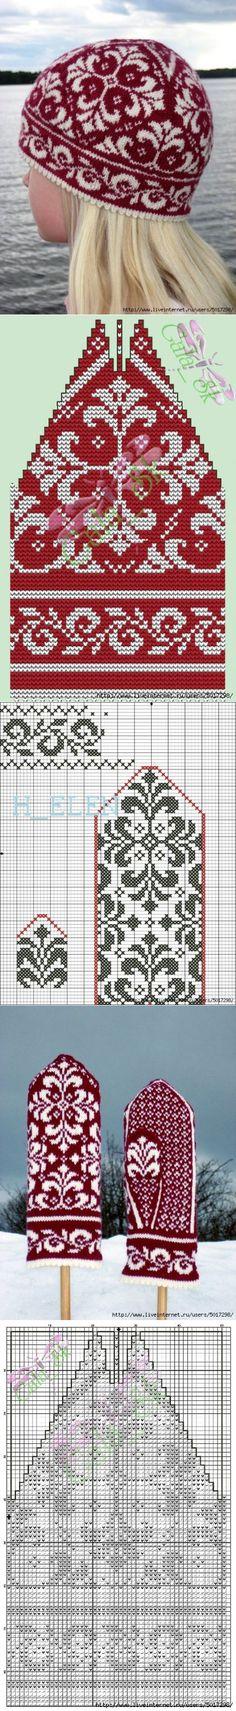 Crochet Patterns Mittens Jacquard hat and mittens Bonnet Crochet, Crochet Mittens, Mittens Pattern, Knit Or Crochet, Knitted Hats, Crochet Hats, Free Crochet, Knitting Charts, Knitting Stitches